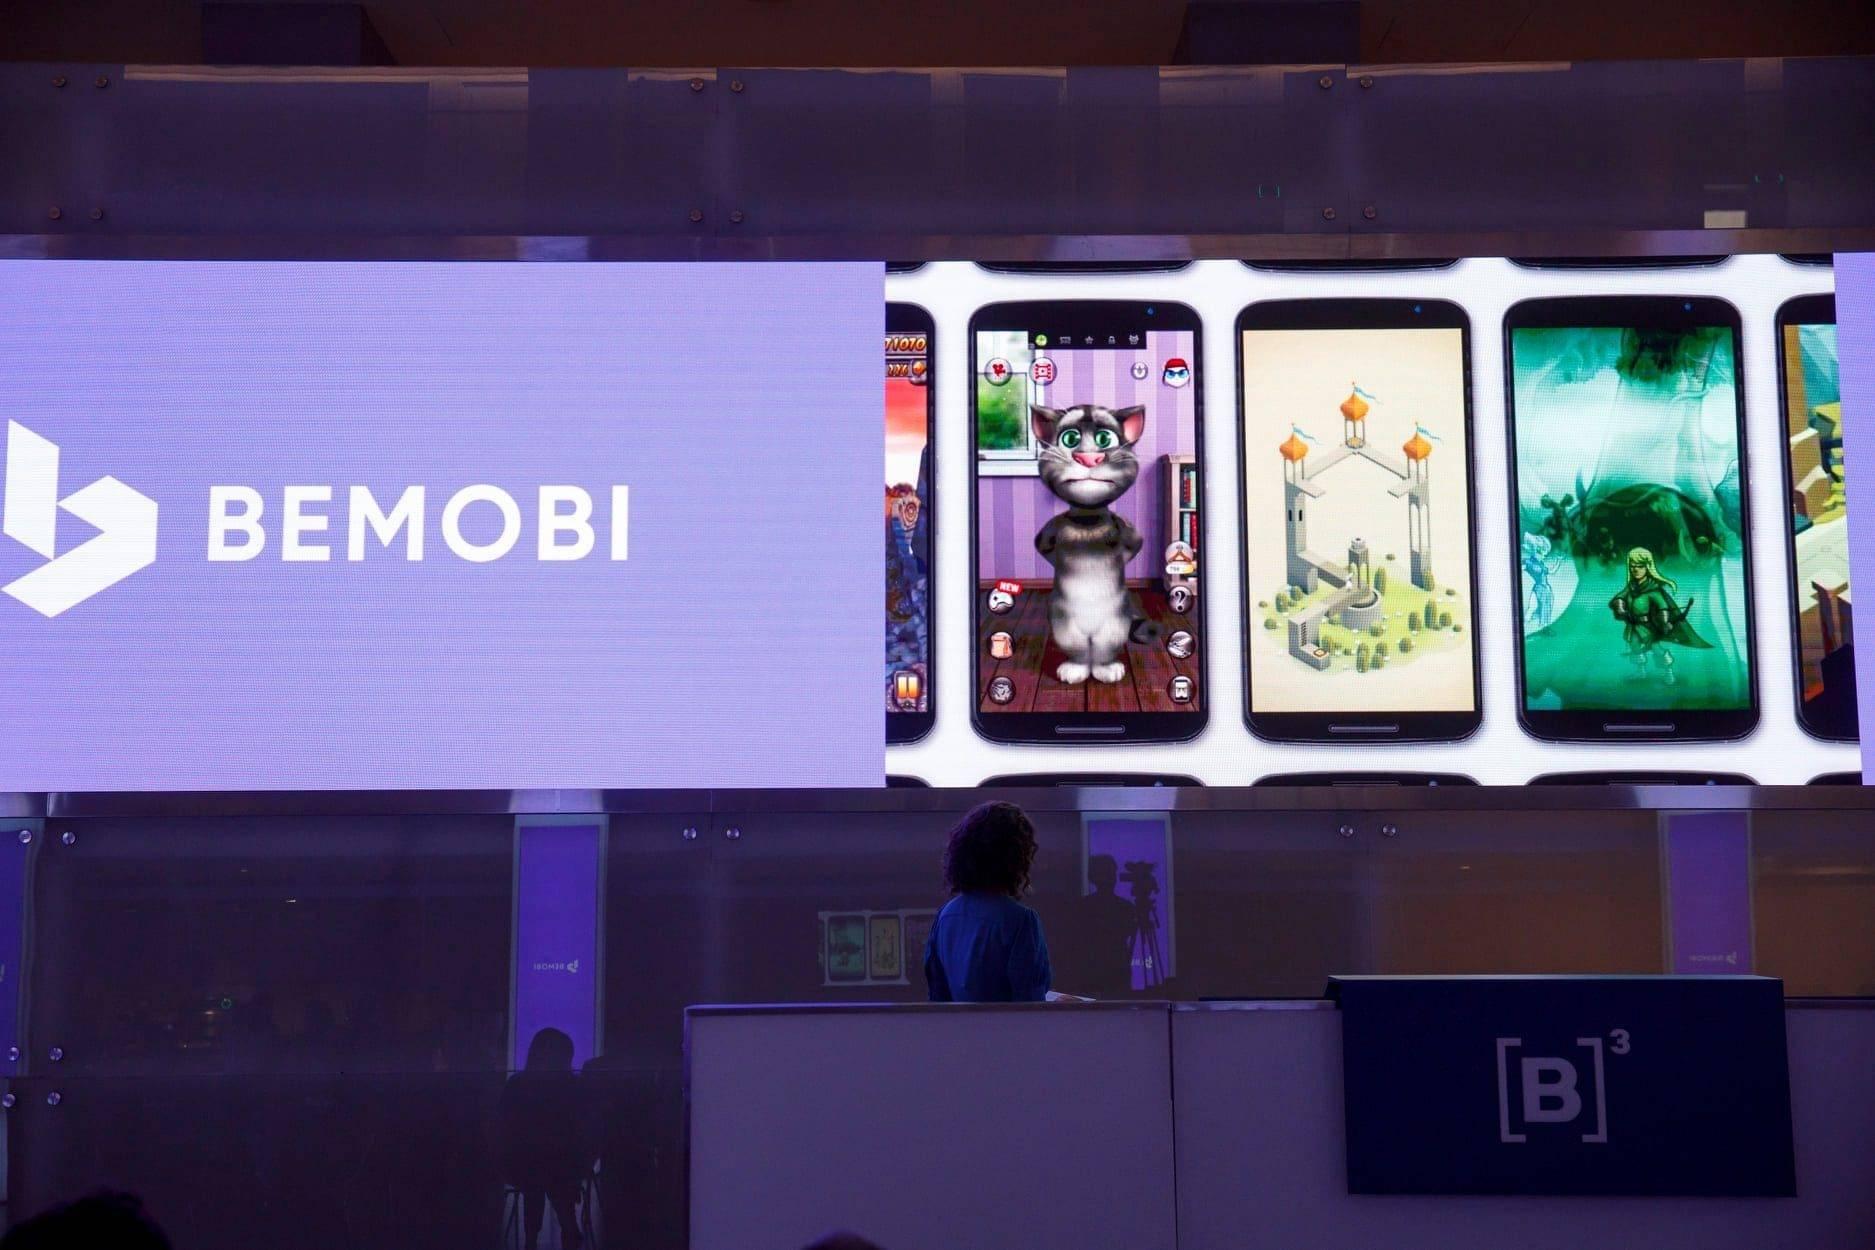 30 milhões de assinantes em 40 países: potência de apps e games, para onde a Bemobi pretende ir?